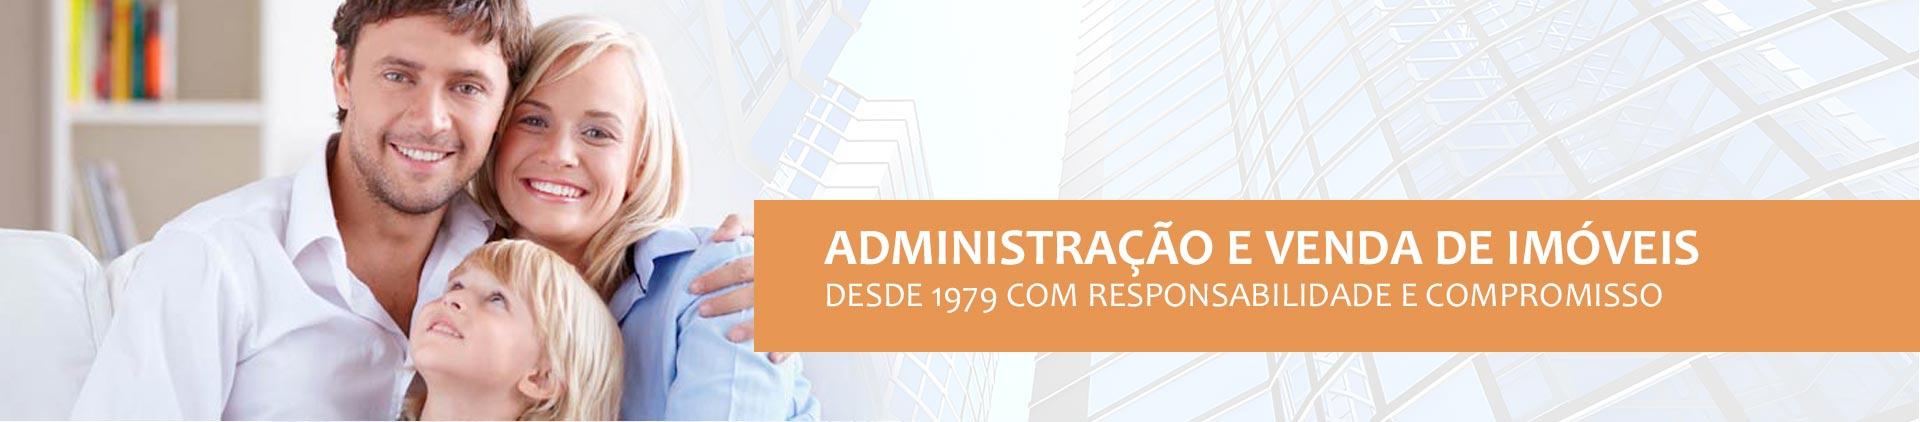 Administração e Venda de imóveis&w=1920&h437&q=100